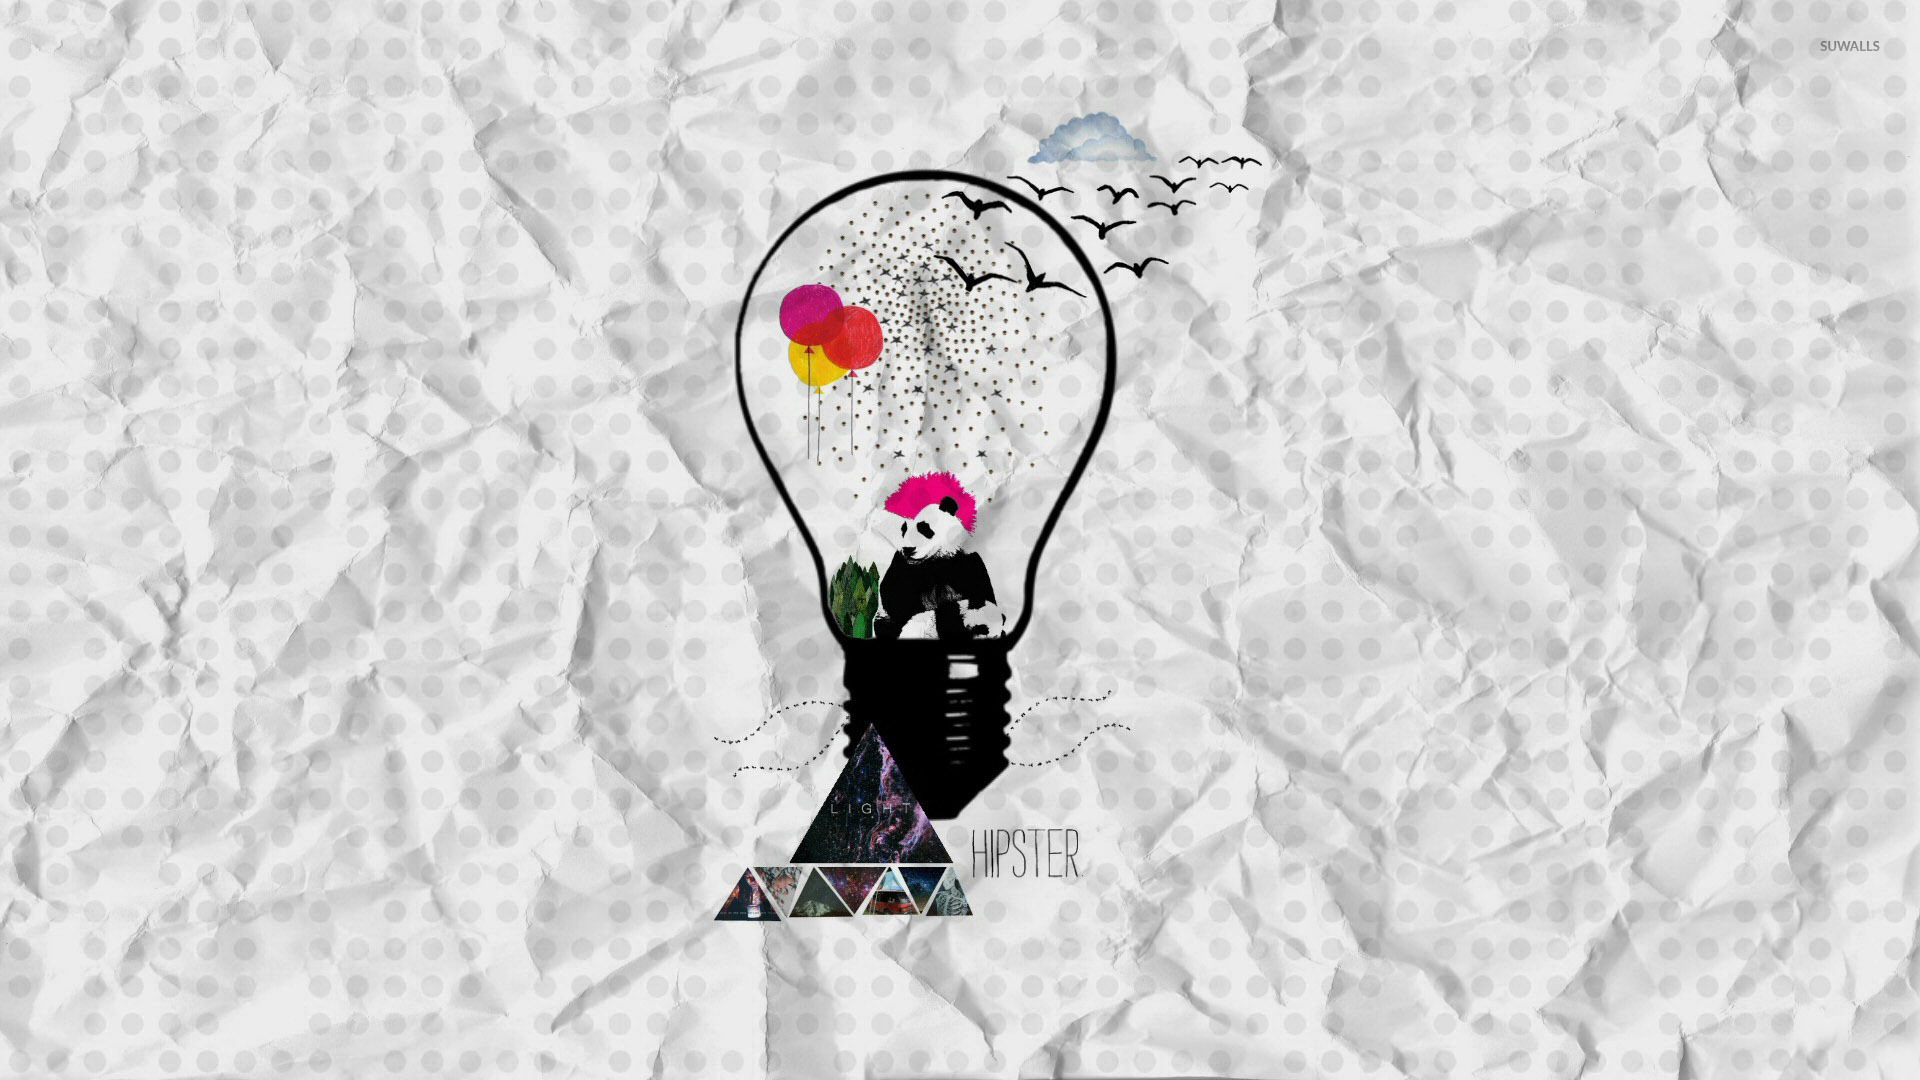 Hipster art wallpaper - Artistic wallpapers - #29287